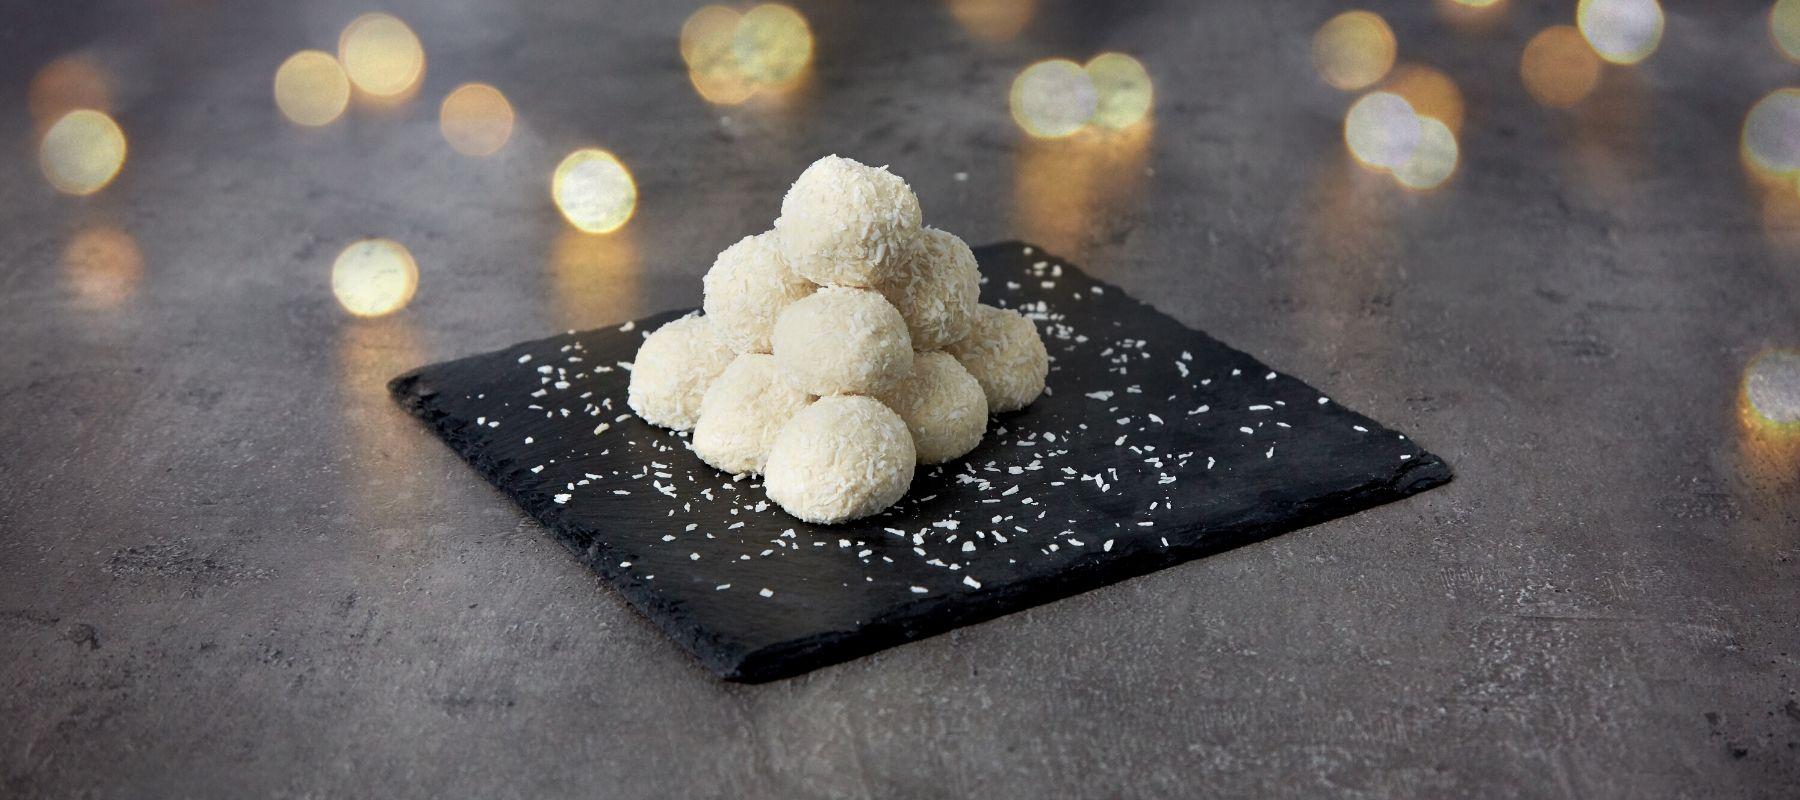 Recette de snowballs protéinés au chocolat blanc